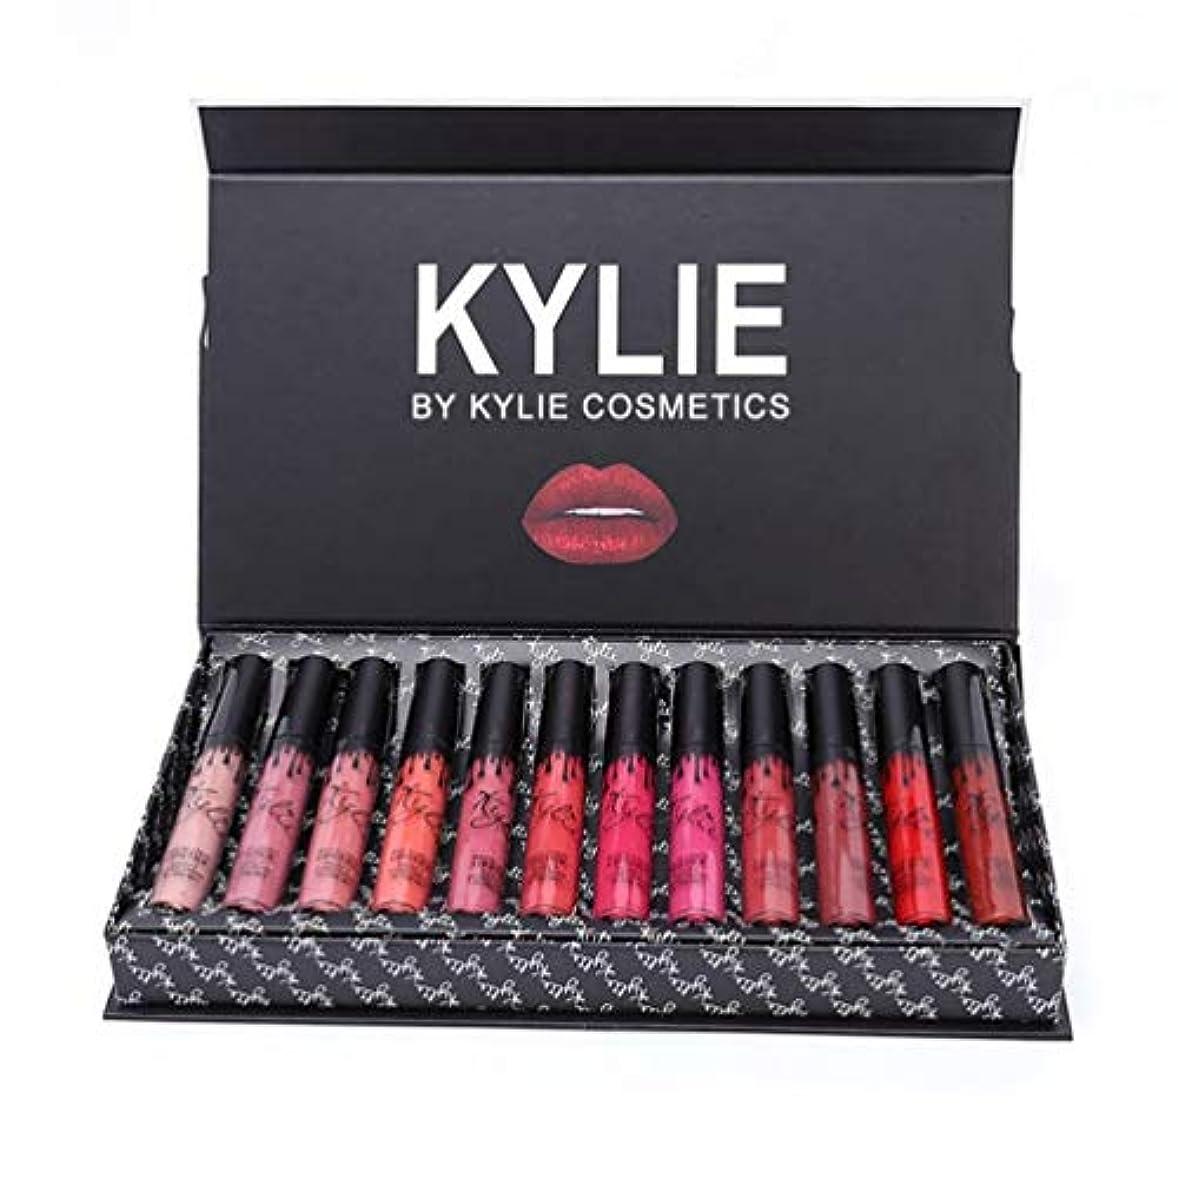 早い公マイルKylie 12ピース/色ポータブルマット口紅キット保湿リップルージュ女性化粧品リップメイクアップギフトセット - 12色